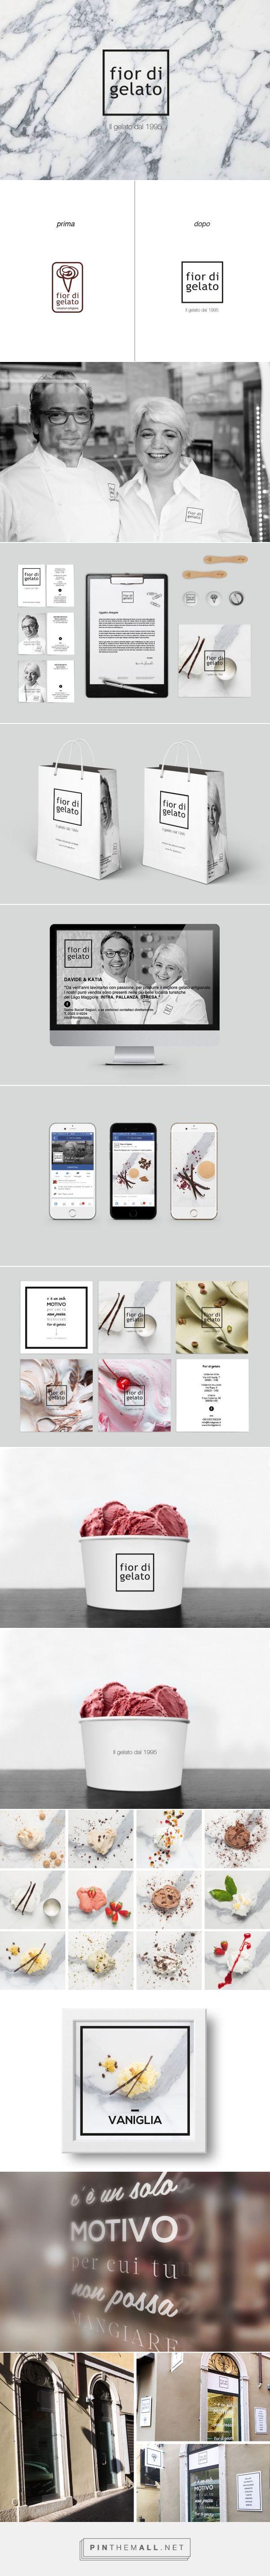 Fior di Gelato - Identity, Brand Identity, BTL, Food Design | Jam Area